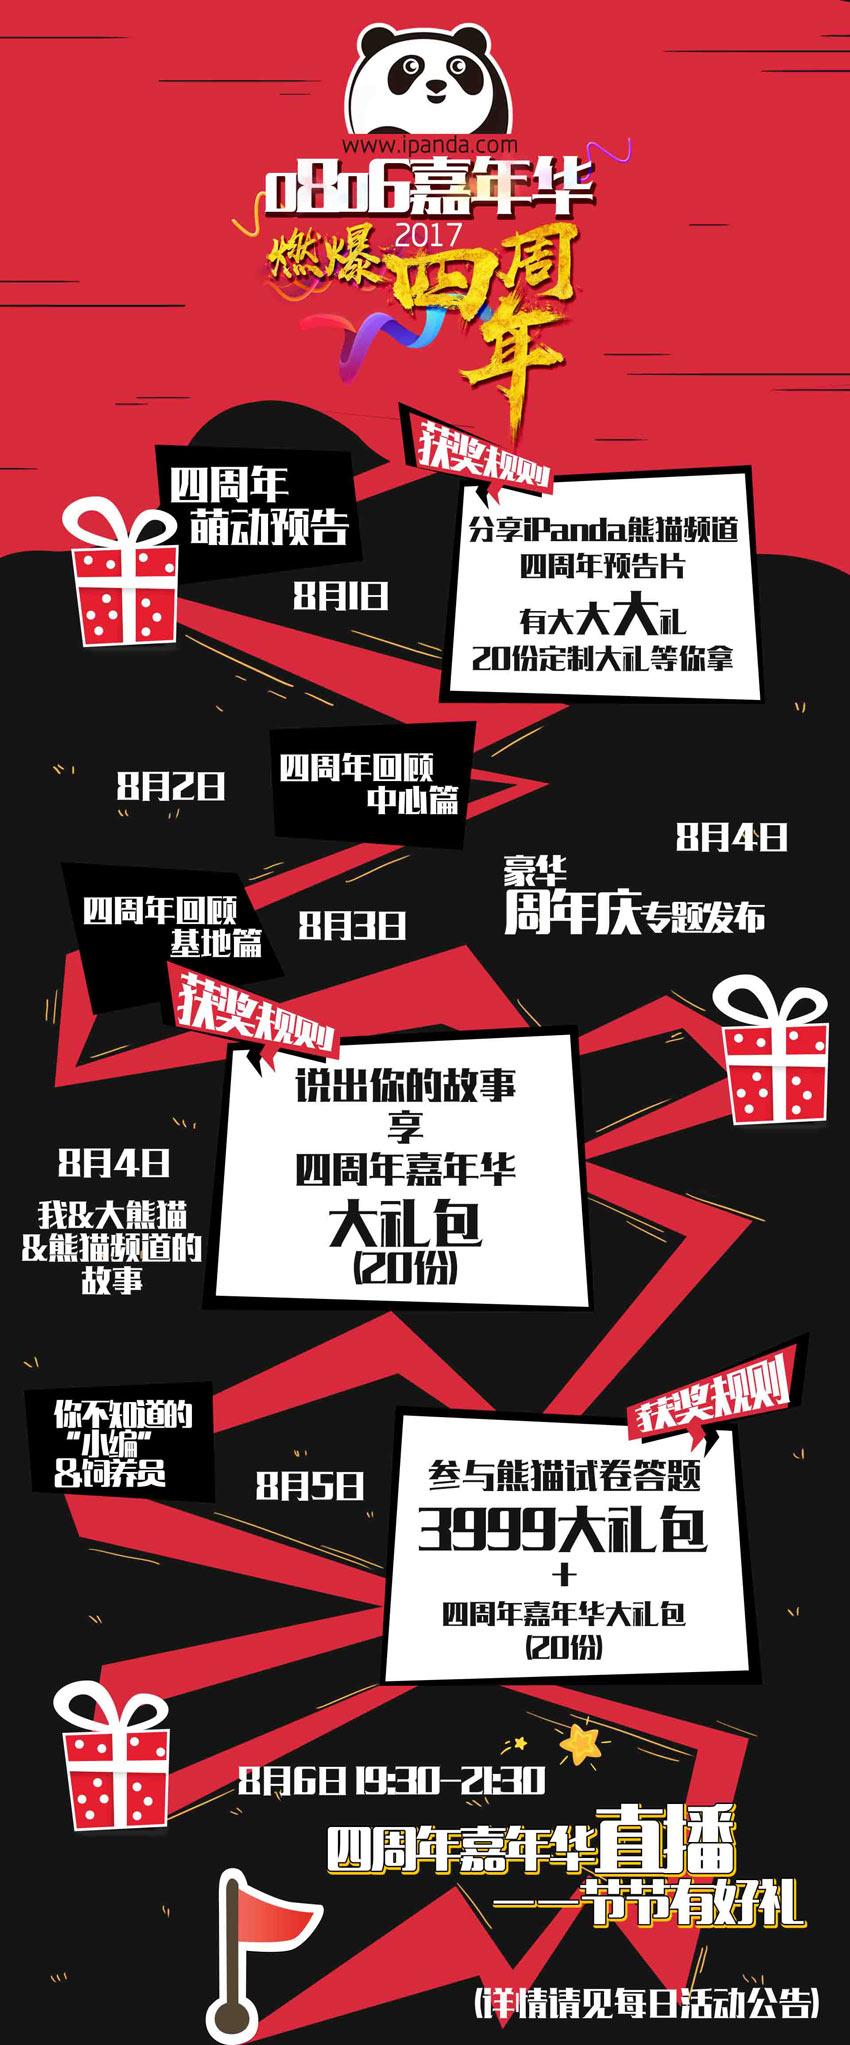 熊猫频道四周年庆生活动流程图